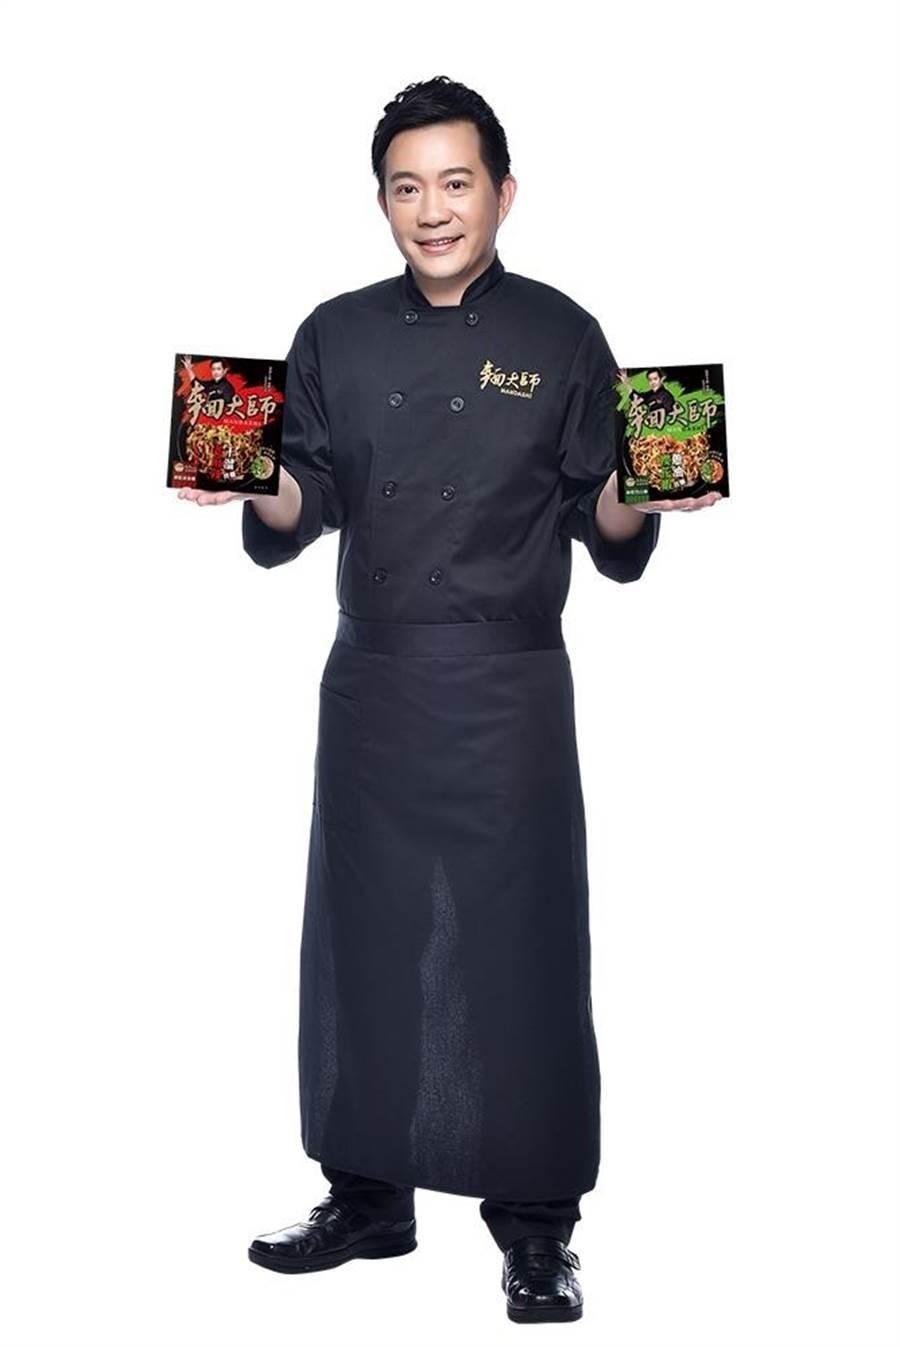 型男主廚吳秉承參與研發的「麵大師」私房獨享系列-有櫻花蝦蔥油拌麵和老麻辣干溜拌麵,家樂福每組2盒,26日前第2組5折,等於每盒34.5元。(家樂福提供)